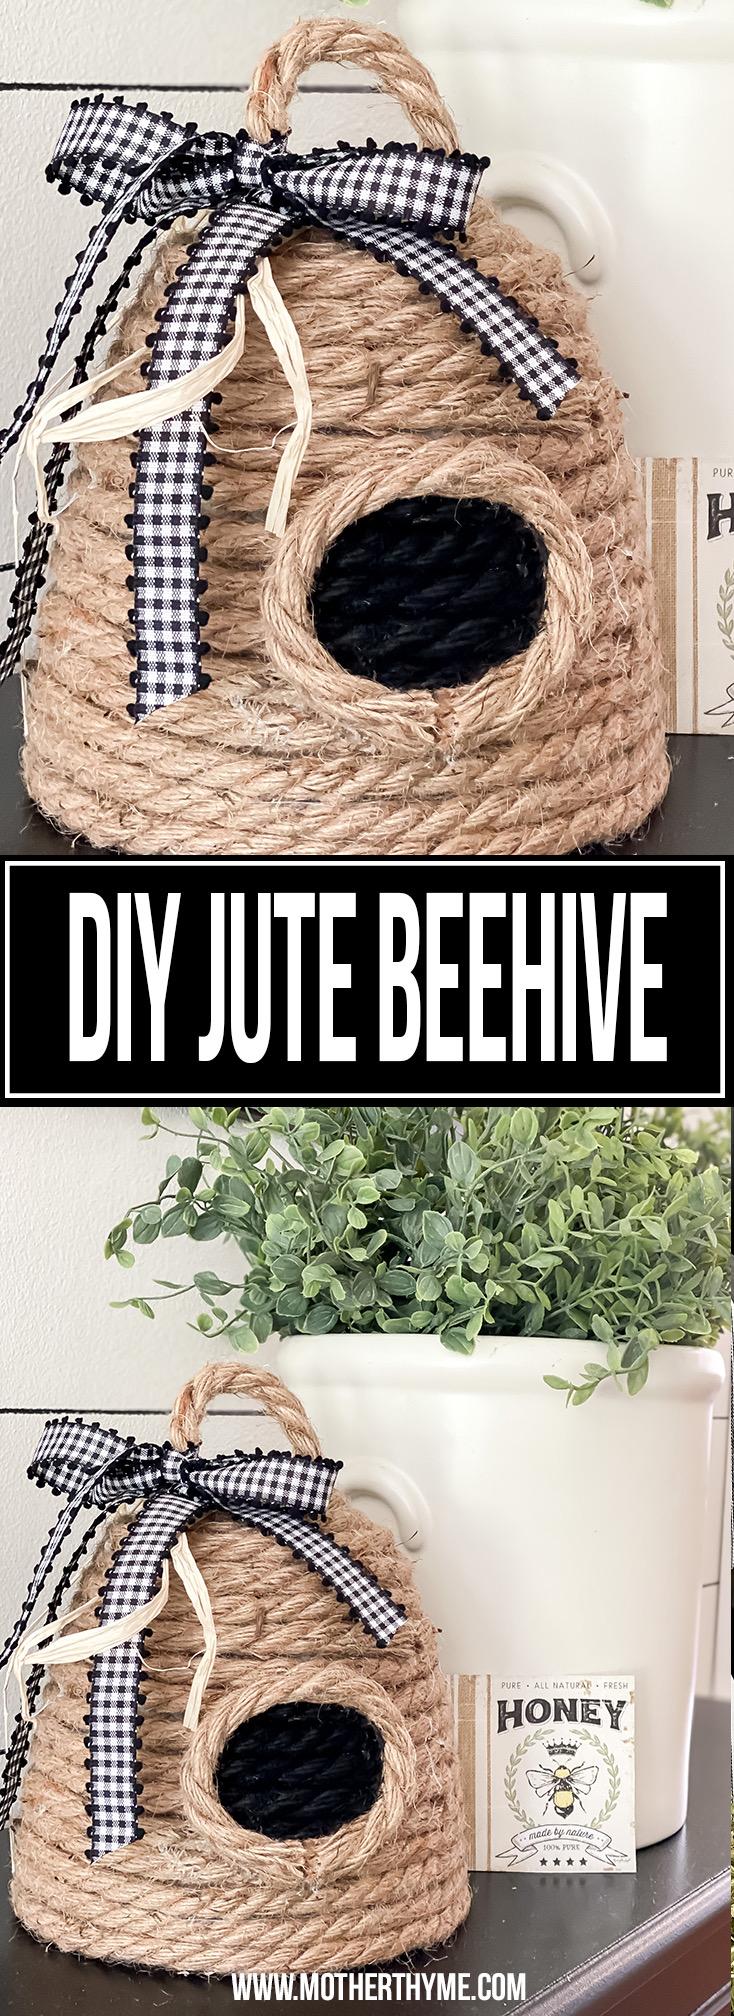 DIY JUTE BEEHIVE